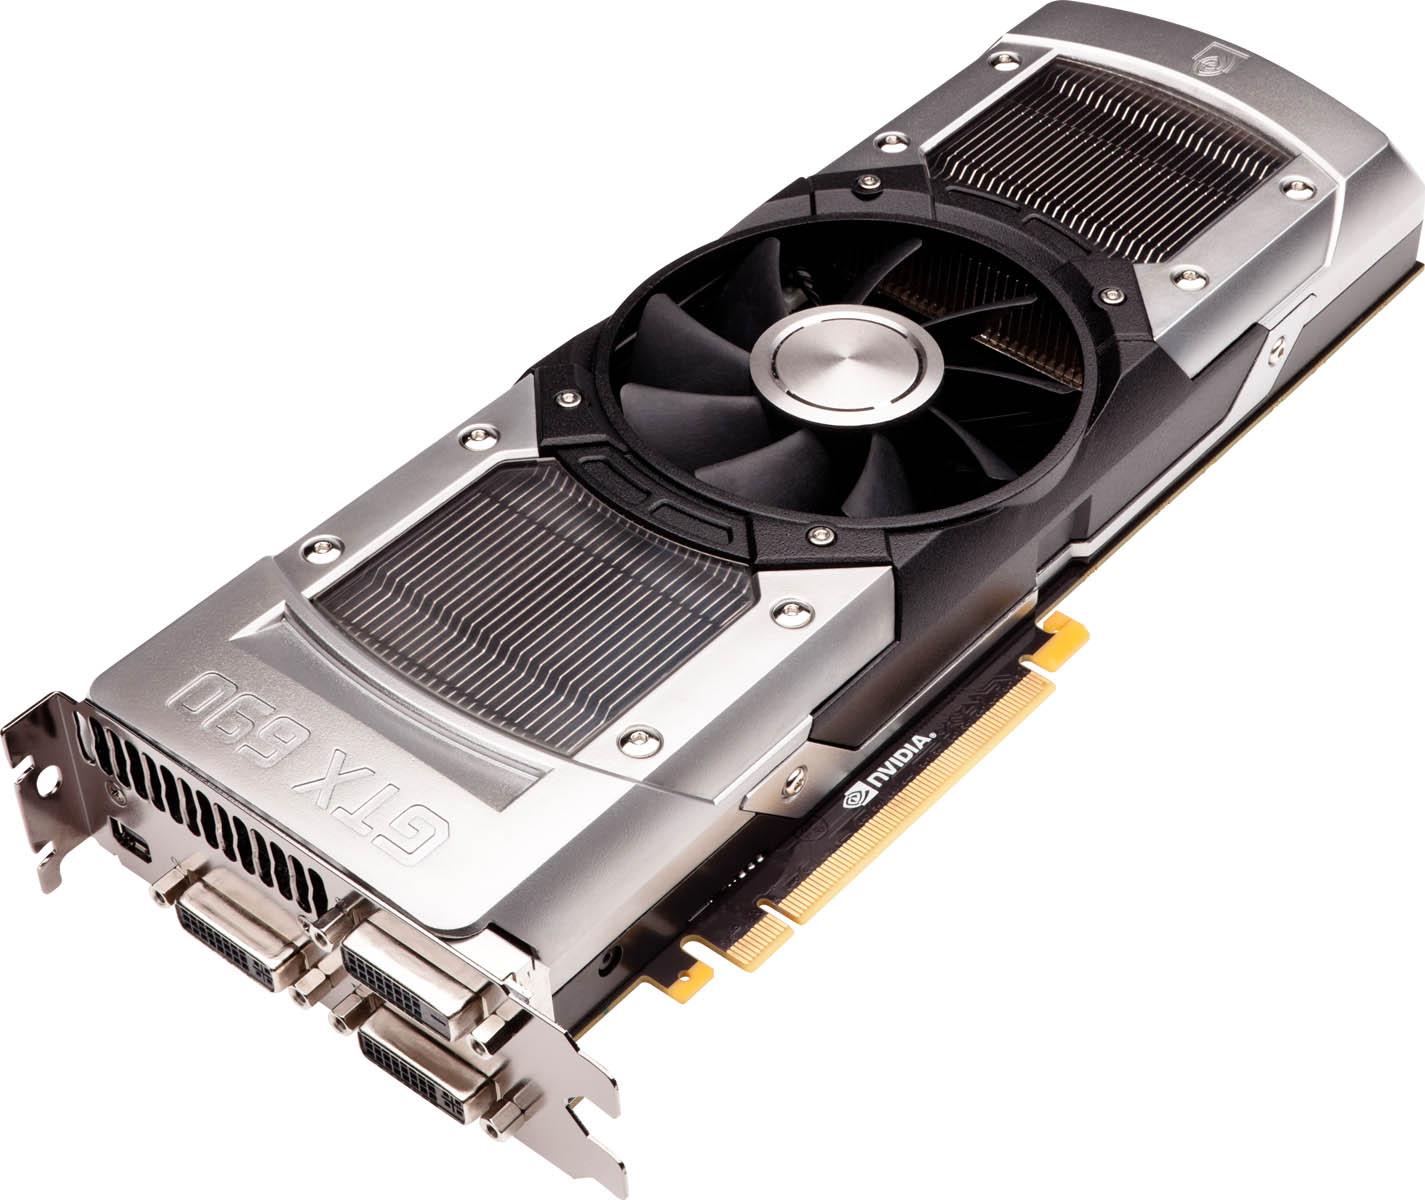 Nvidia představila grafickou kartu GeForce GTX 690 64427